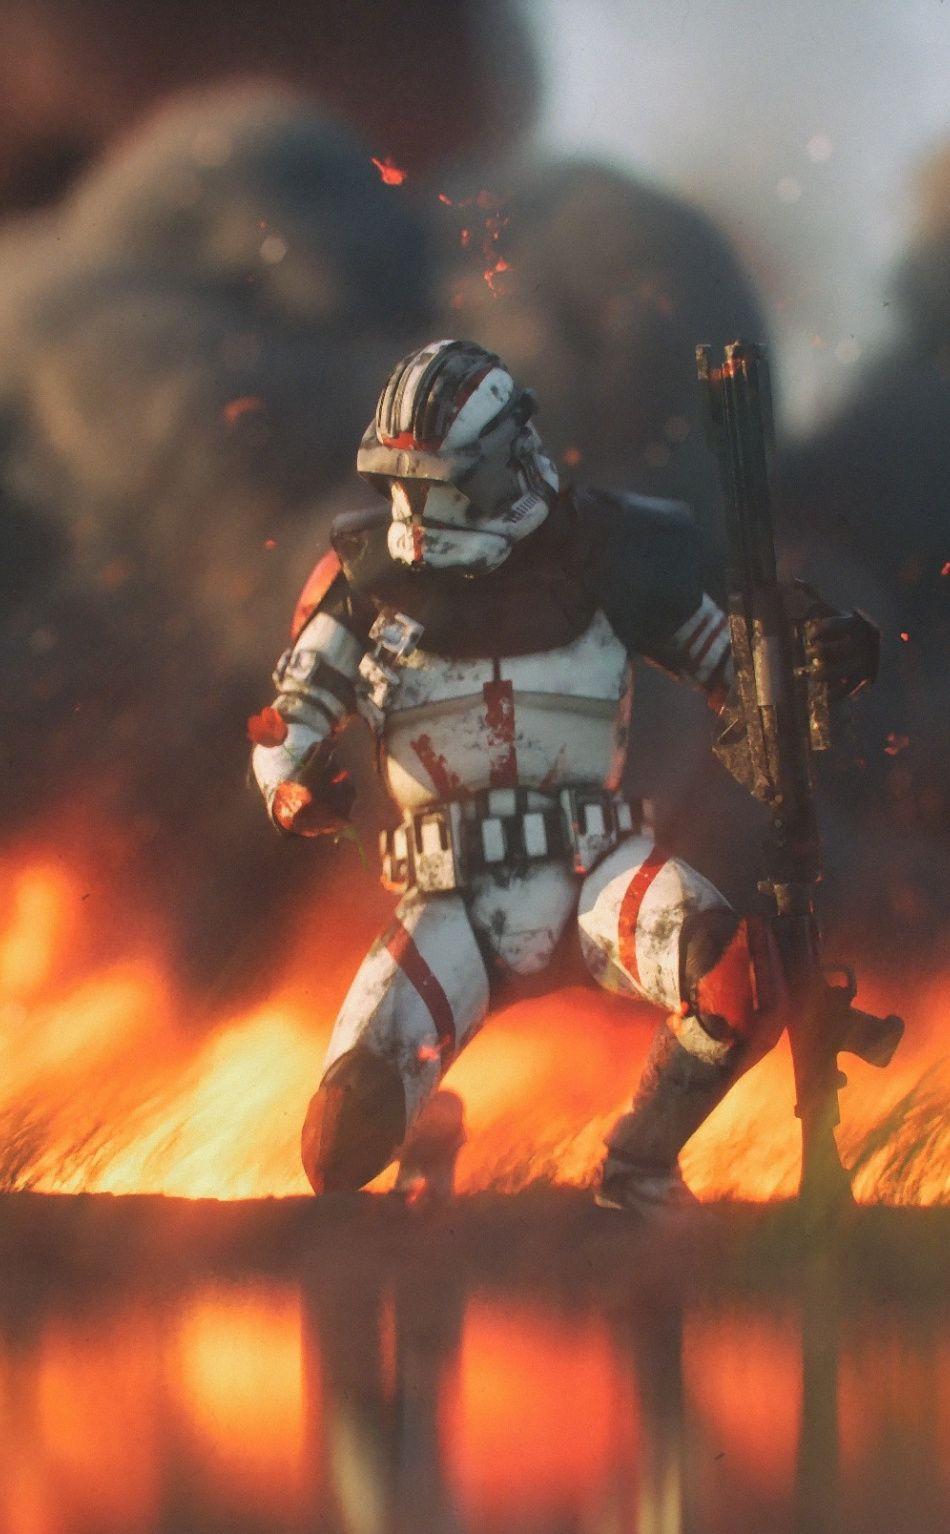 Clone Trooper Star Wars Fire 950x1534 Wallpaper Star